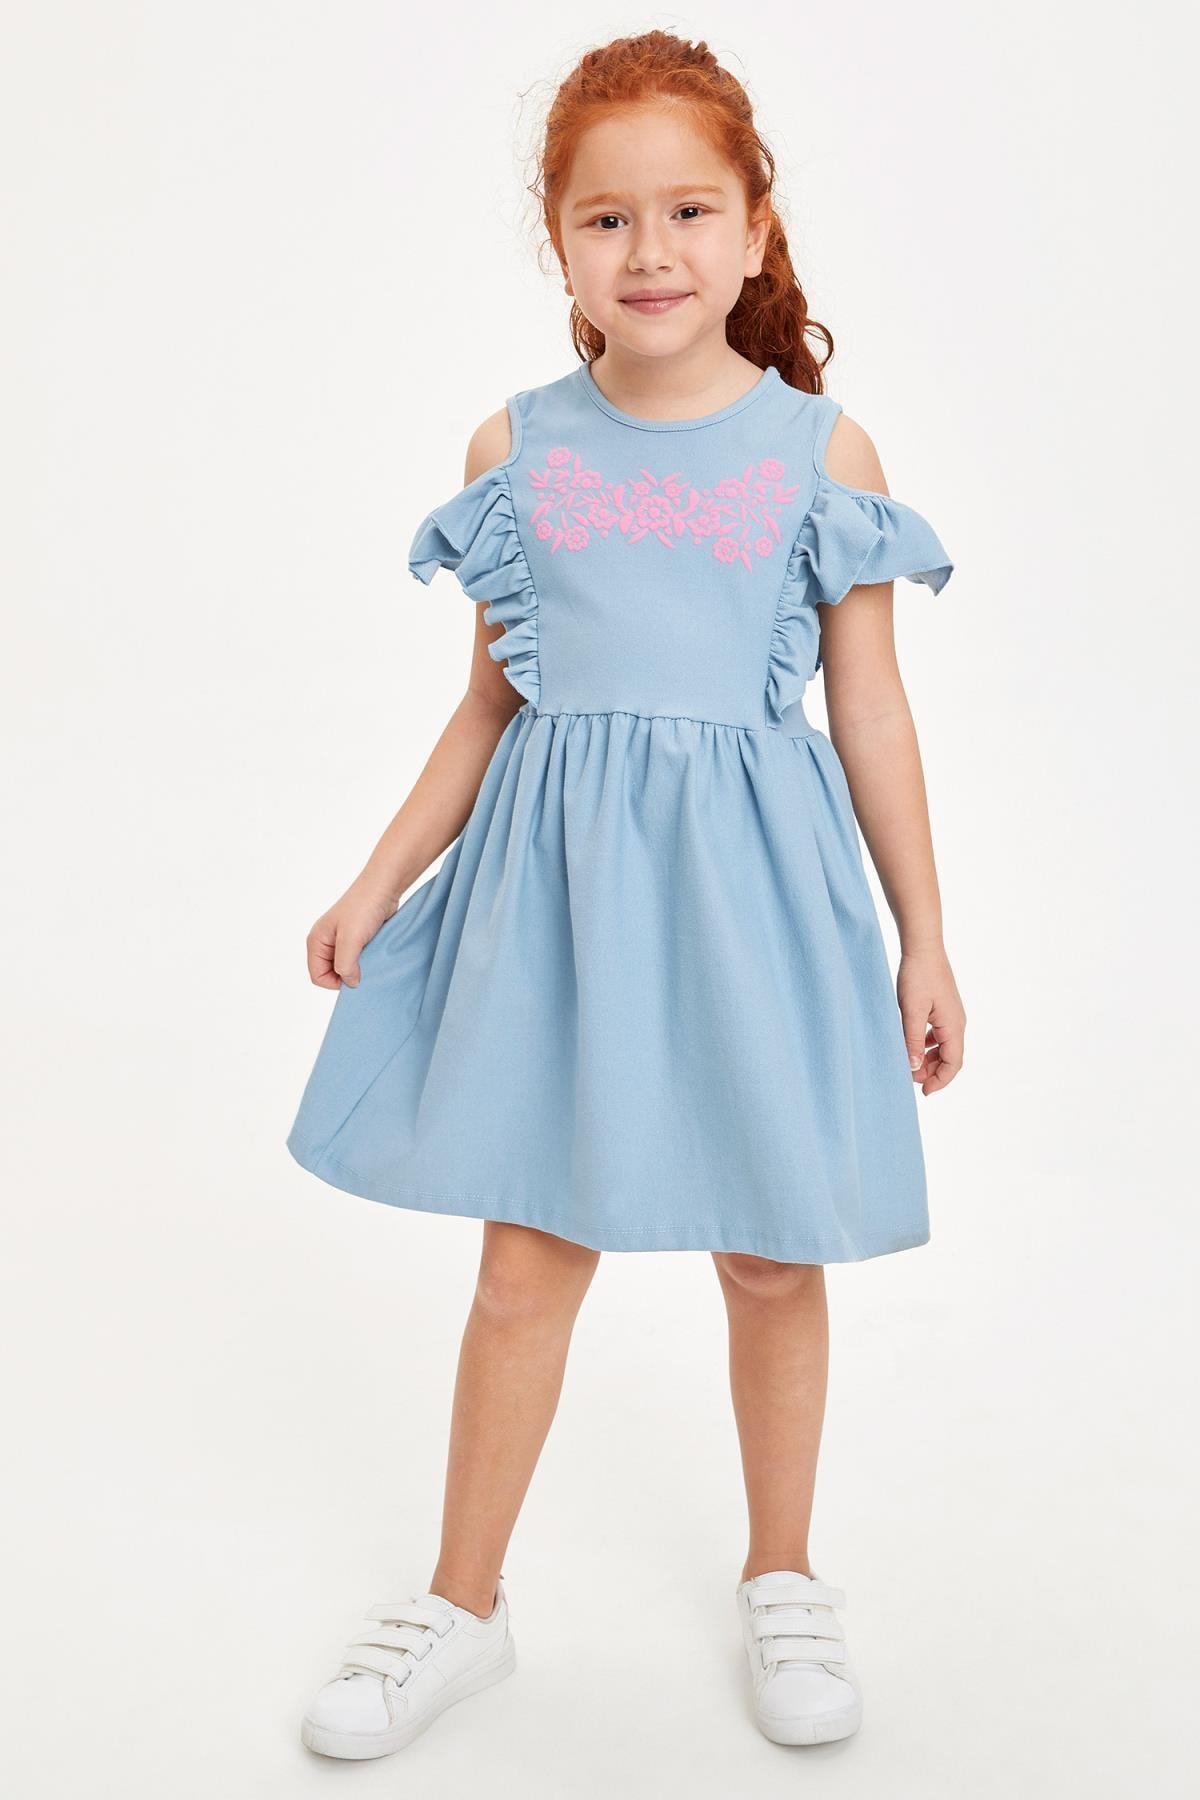 Defacto Kız Çocuk Baskılı Kol Detaylı Örme Elbise 0